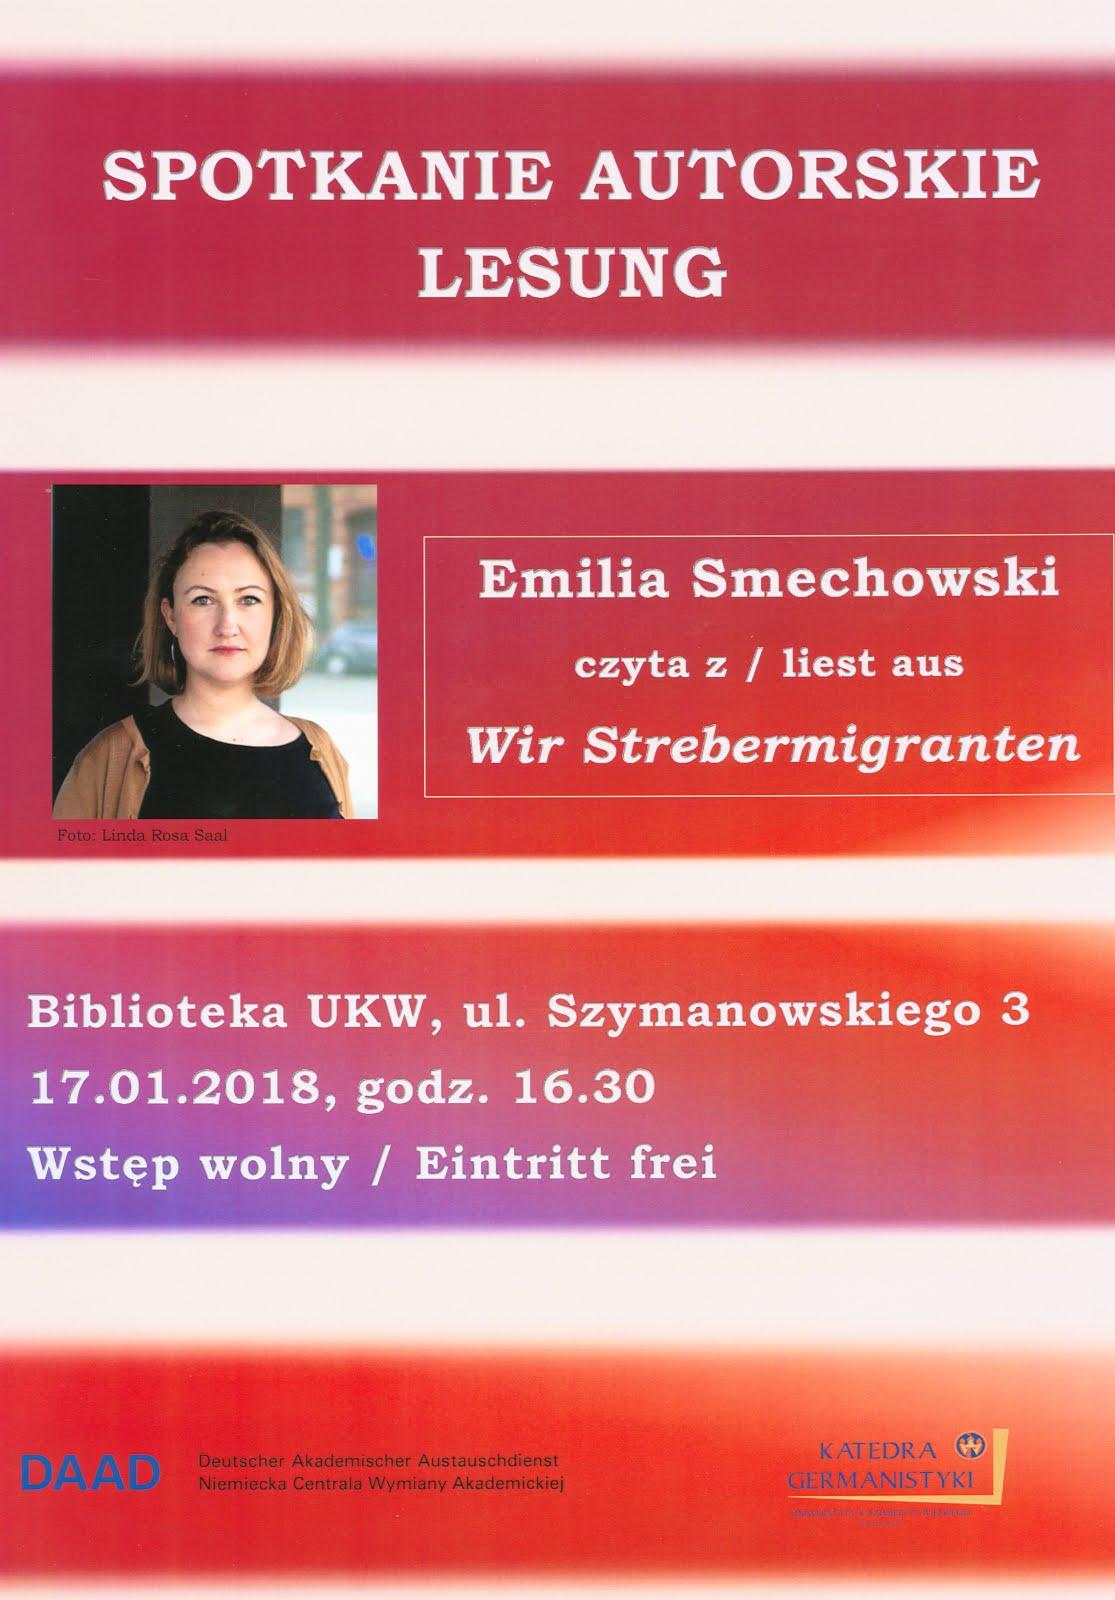 Spotkanie autorskie z Emilią Smechowski